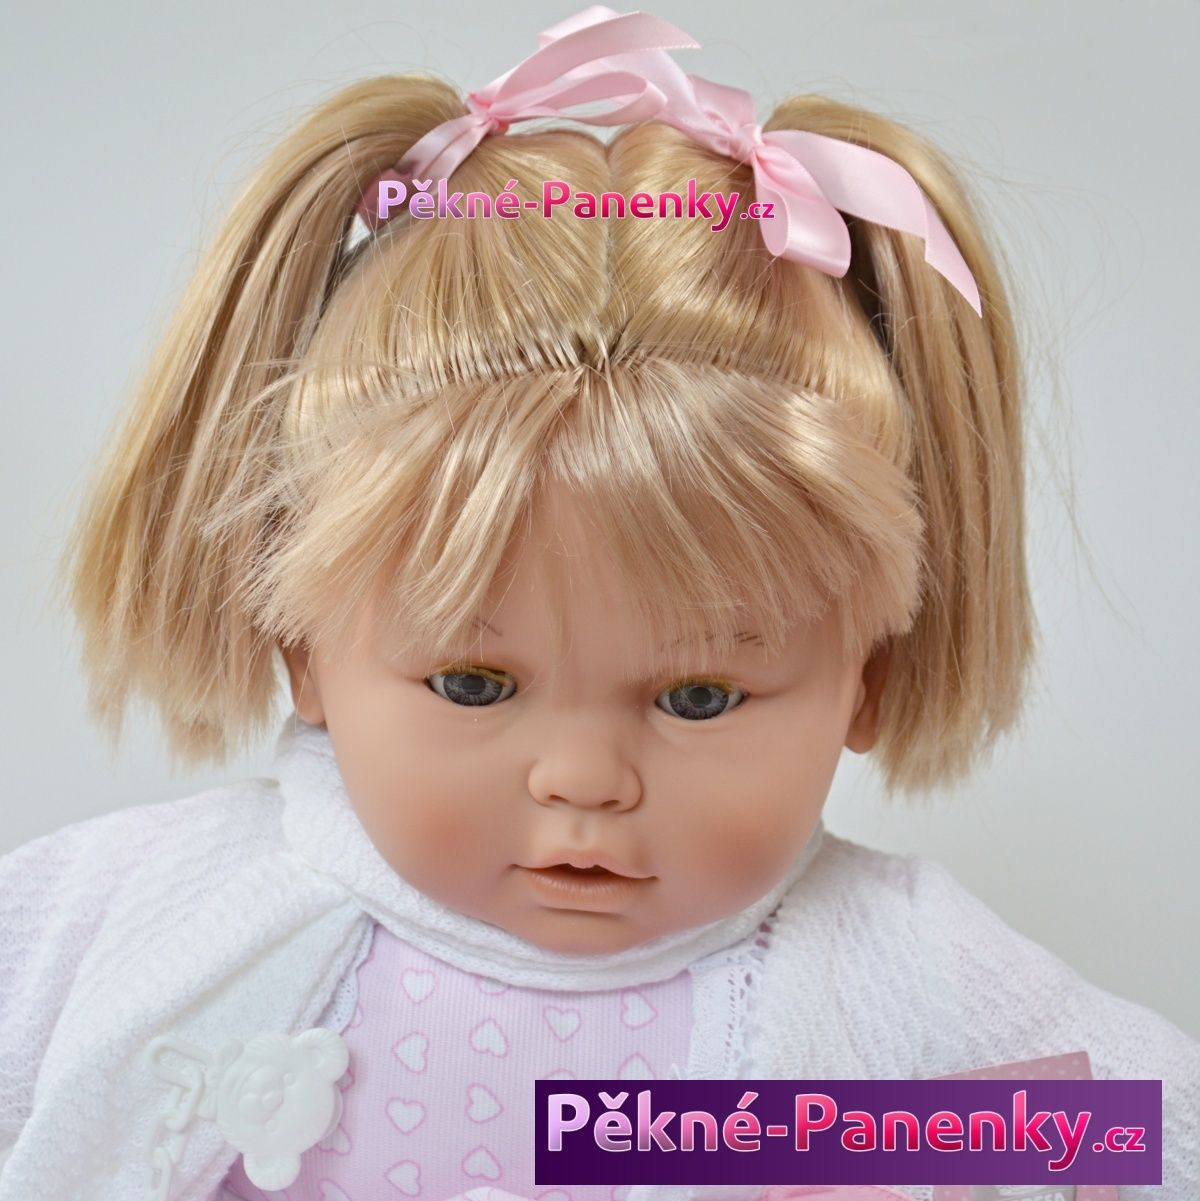 originalní španělské panenky pro děti velká realistická, mrkací a mluvící panenka jako živá, panenka miminko 60 cm Berbesa mluvící panenky ze Španělska pro děti